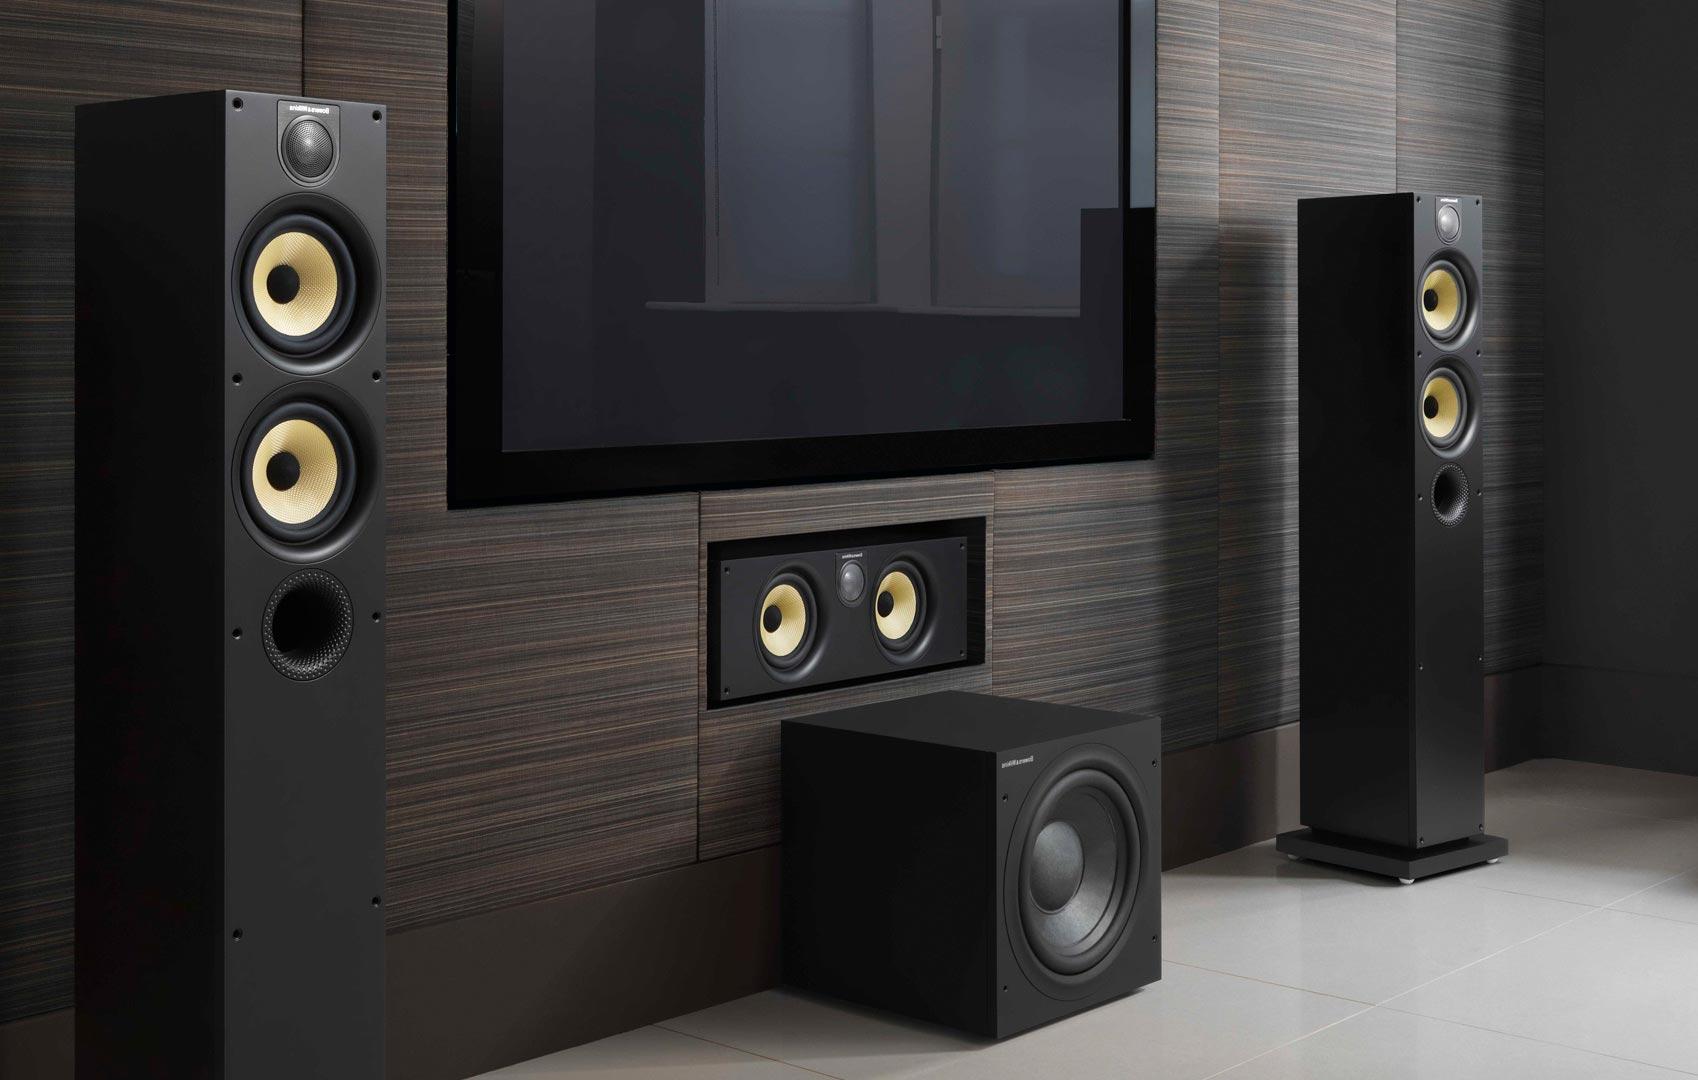 Kaip pasirinkti tinkamiausią garso aparatūros sistemą savo namams